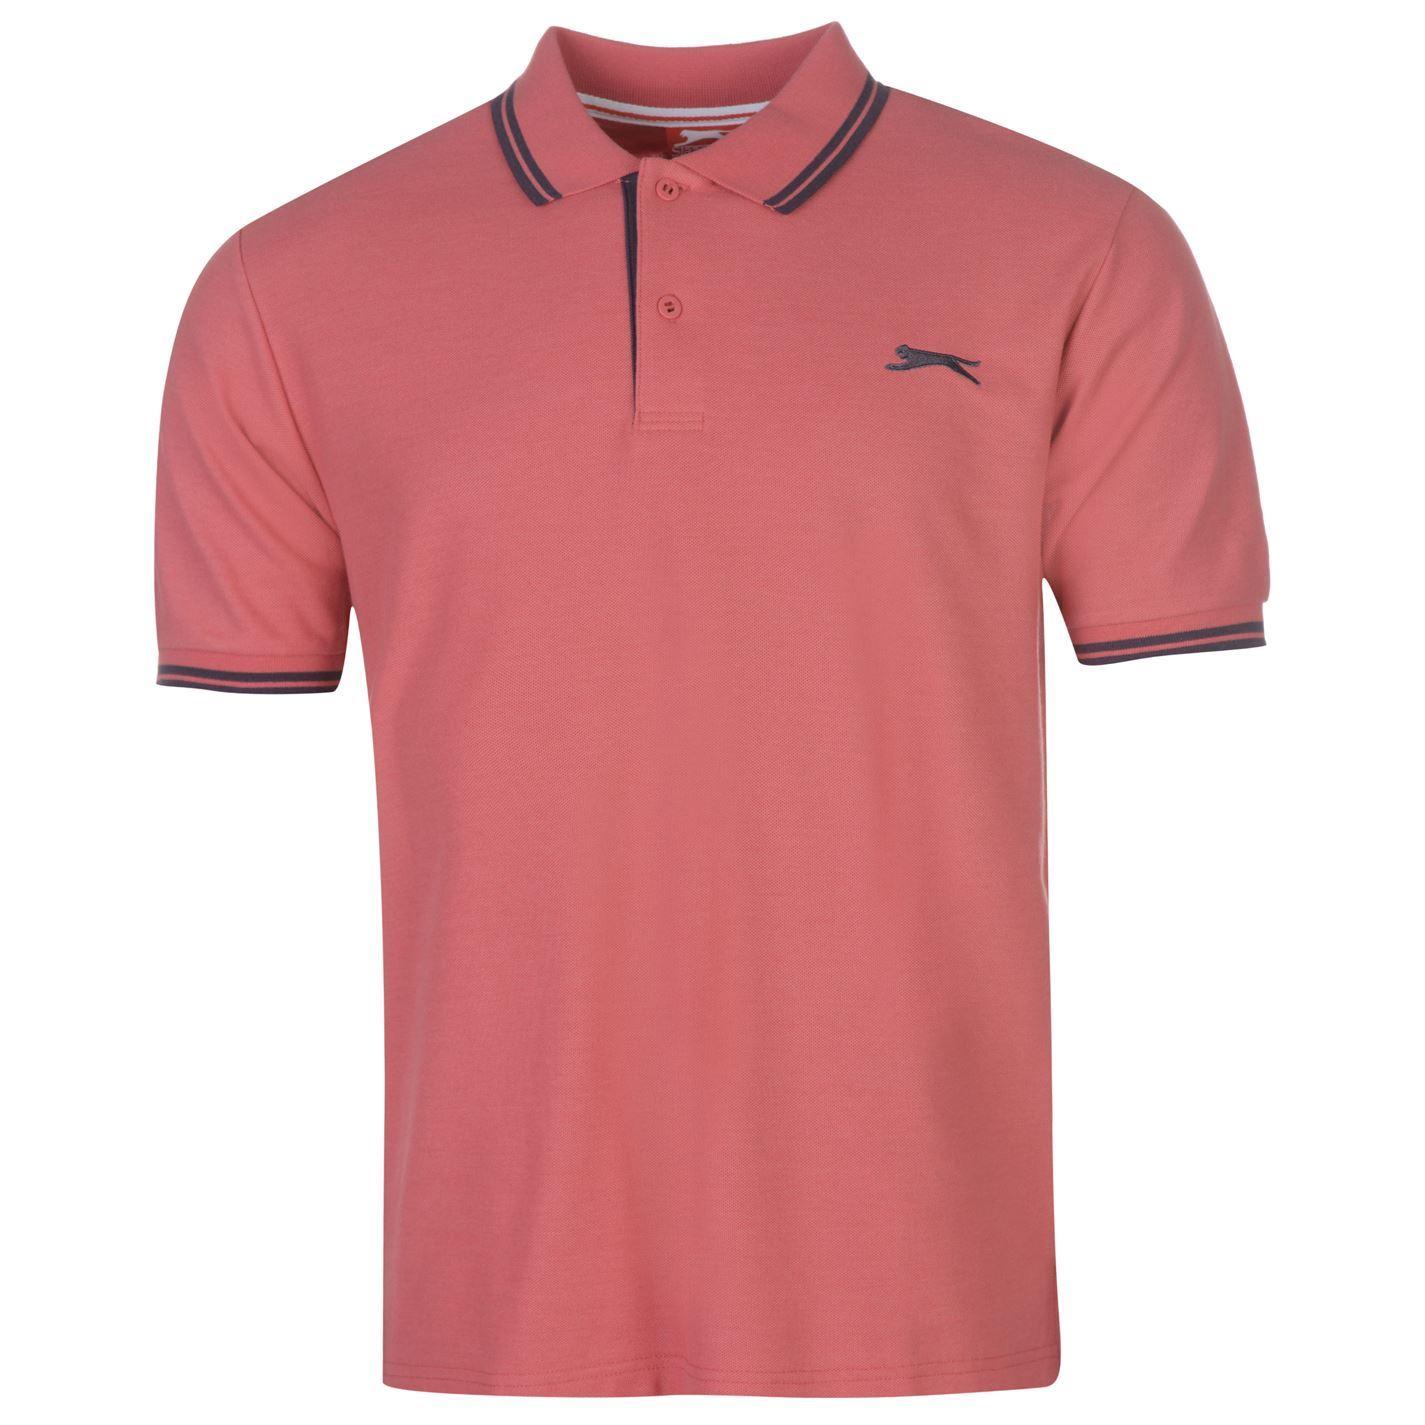 Slazenger-Polo-Camisa-de-hombre-con-cuello-con-Punta-T-Shirt-Top-Camiseta-Tee miniatura 96